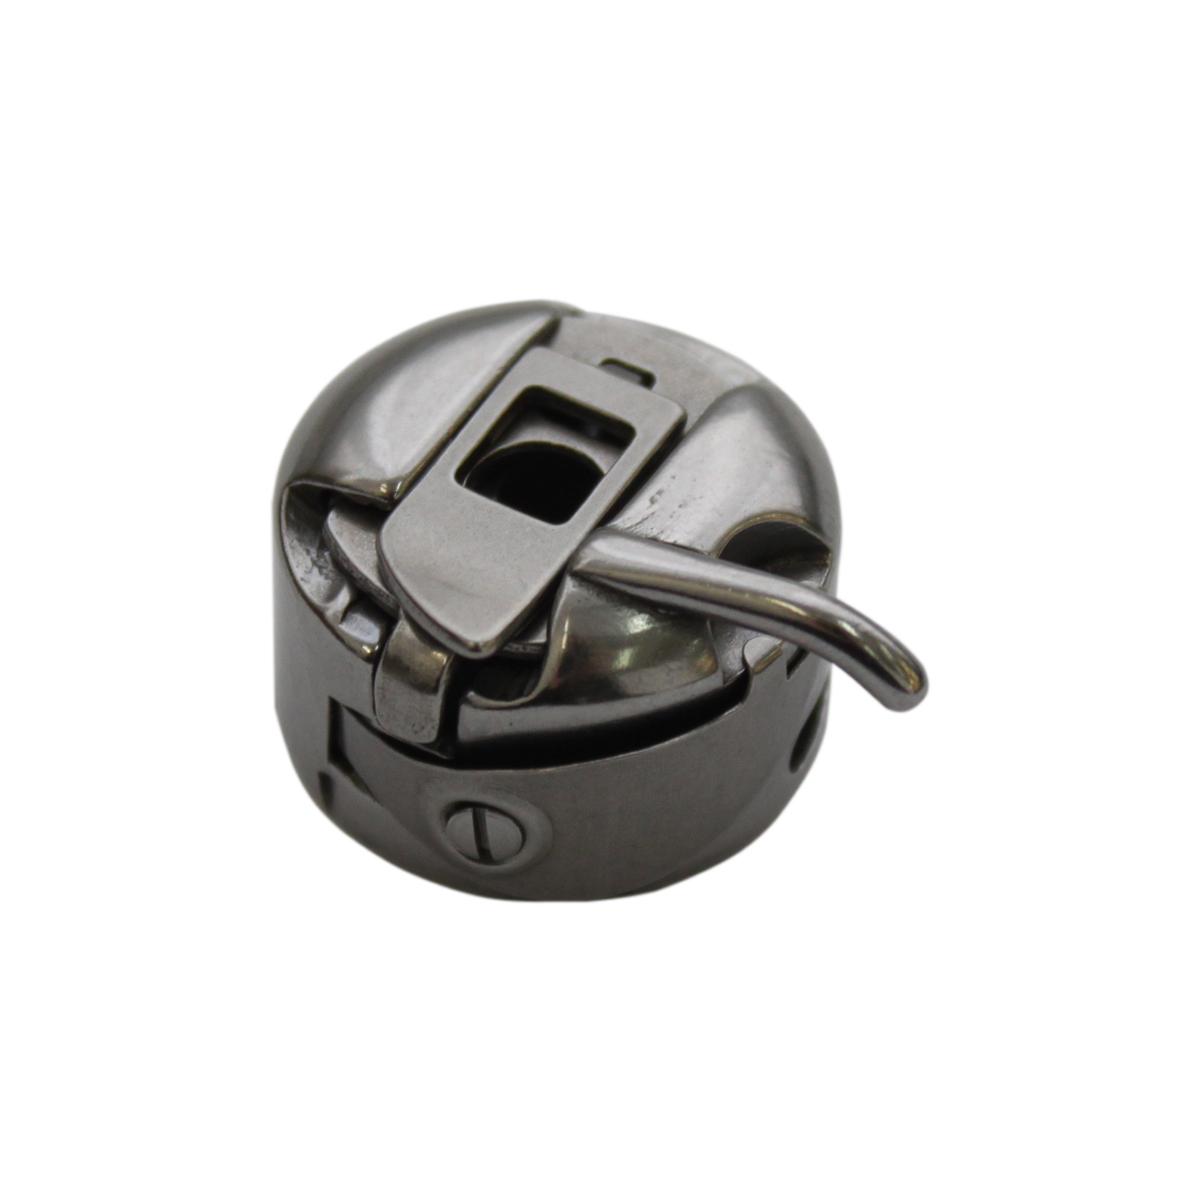 Bestex Шпульный колпачок для БШМ, левый, 5 шт. 0350-1000